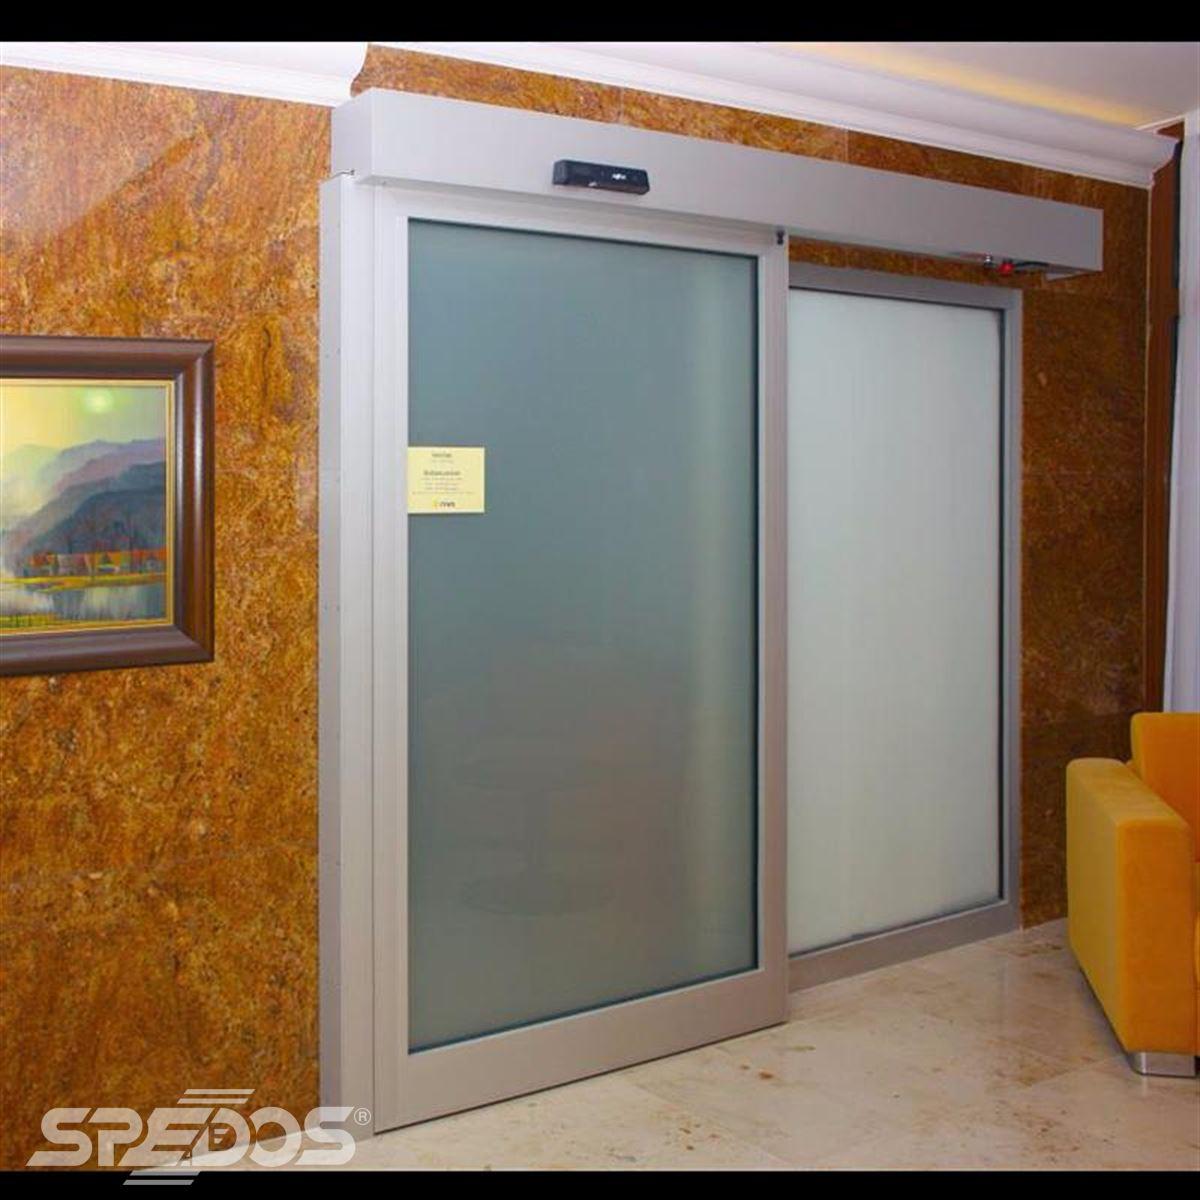 požární automatické posuvné dveře pro wellness 2